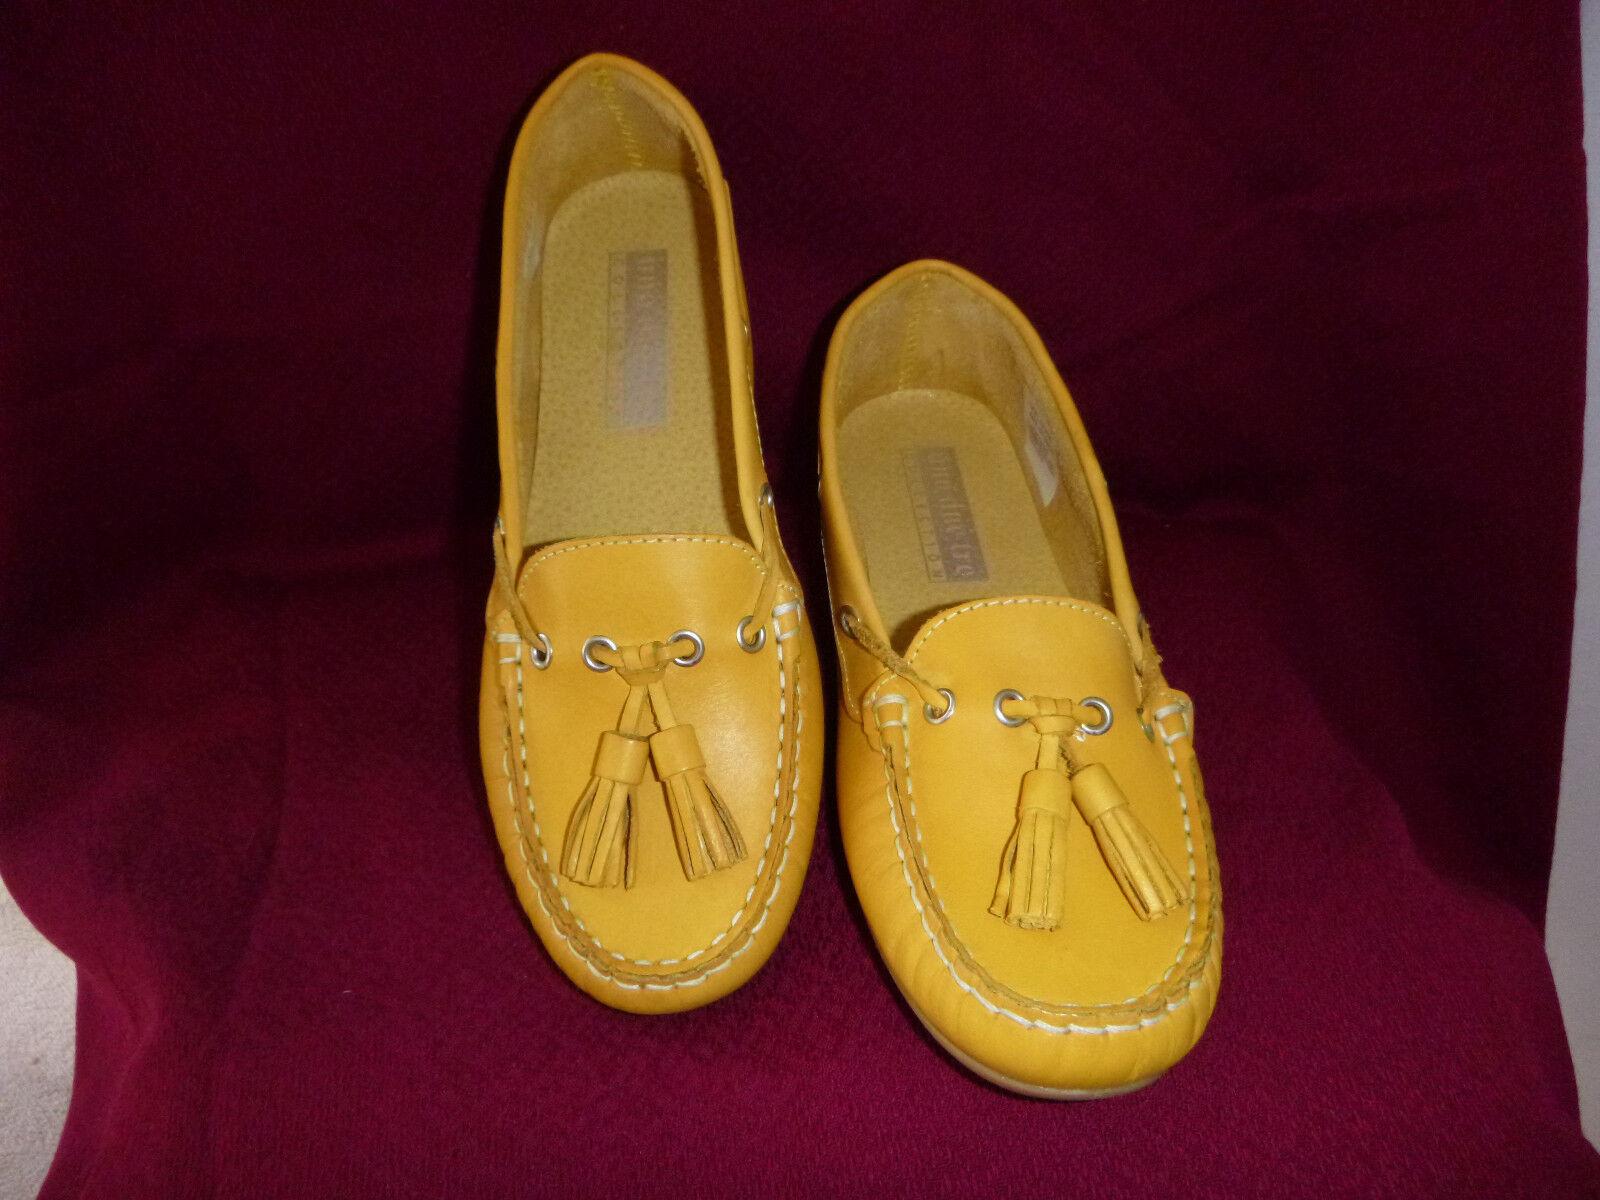 NOUVEAU  UNO DUE tre-jaune Ballerines cuir 37 Large-F abs-2, 5